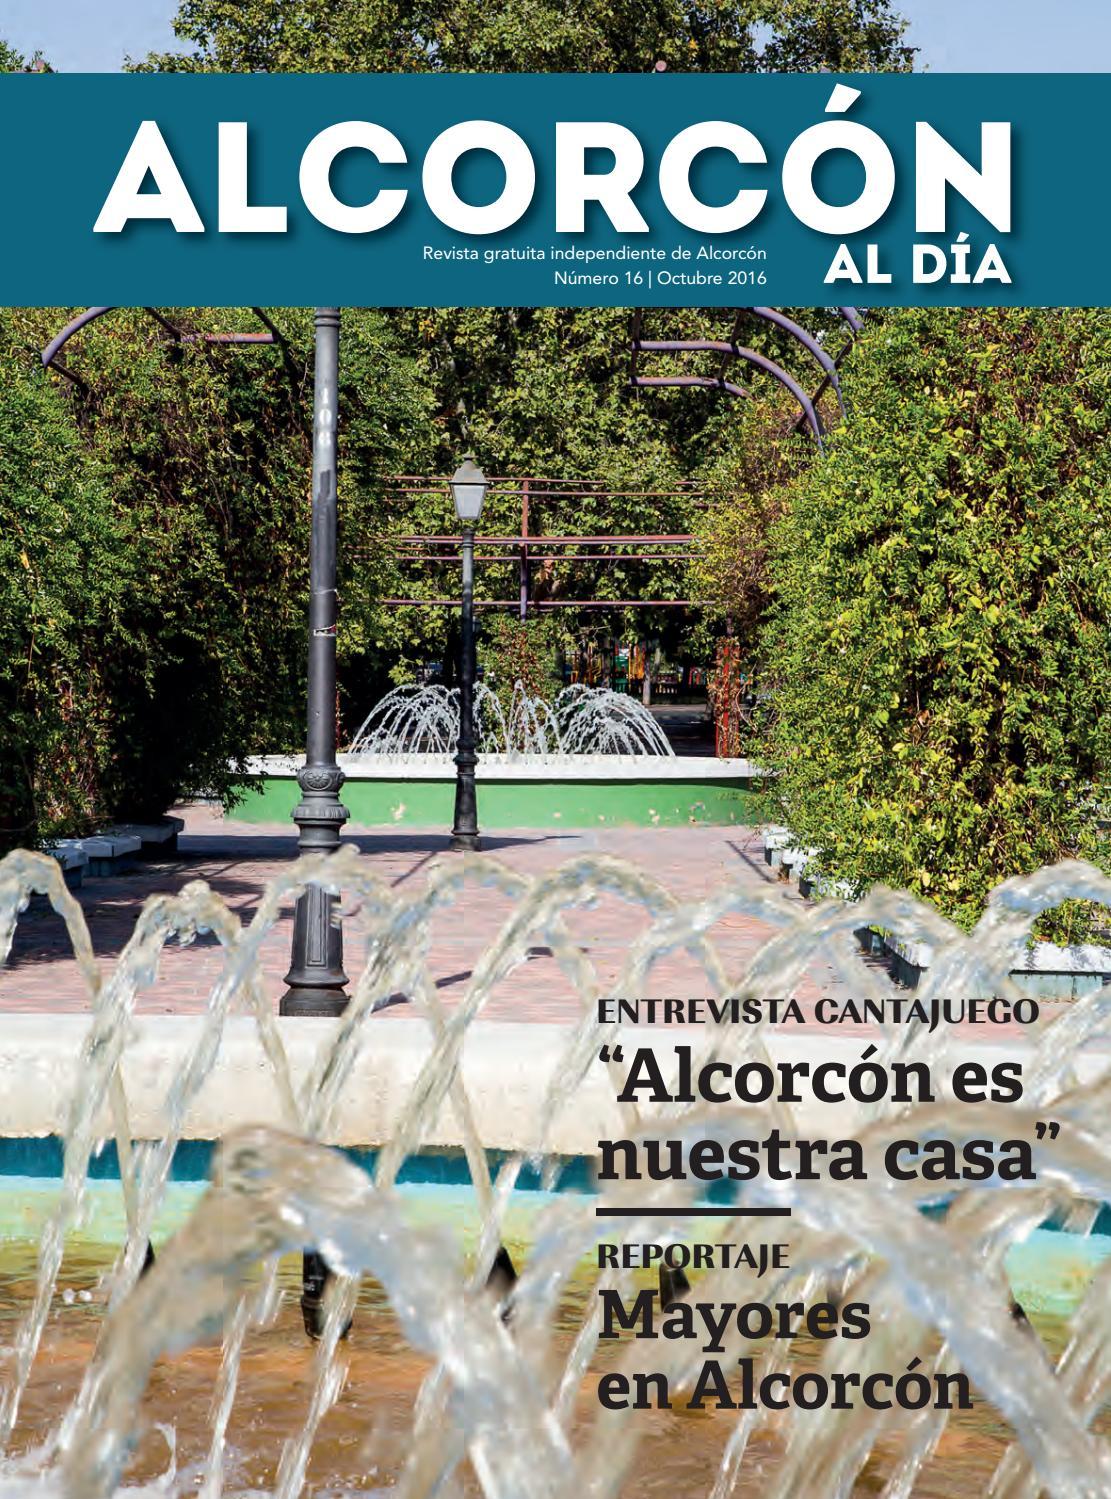 Alcorc n al d a octubre 2016 by alcorc n al d a issuu - Apartamentos en alcorcon ...